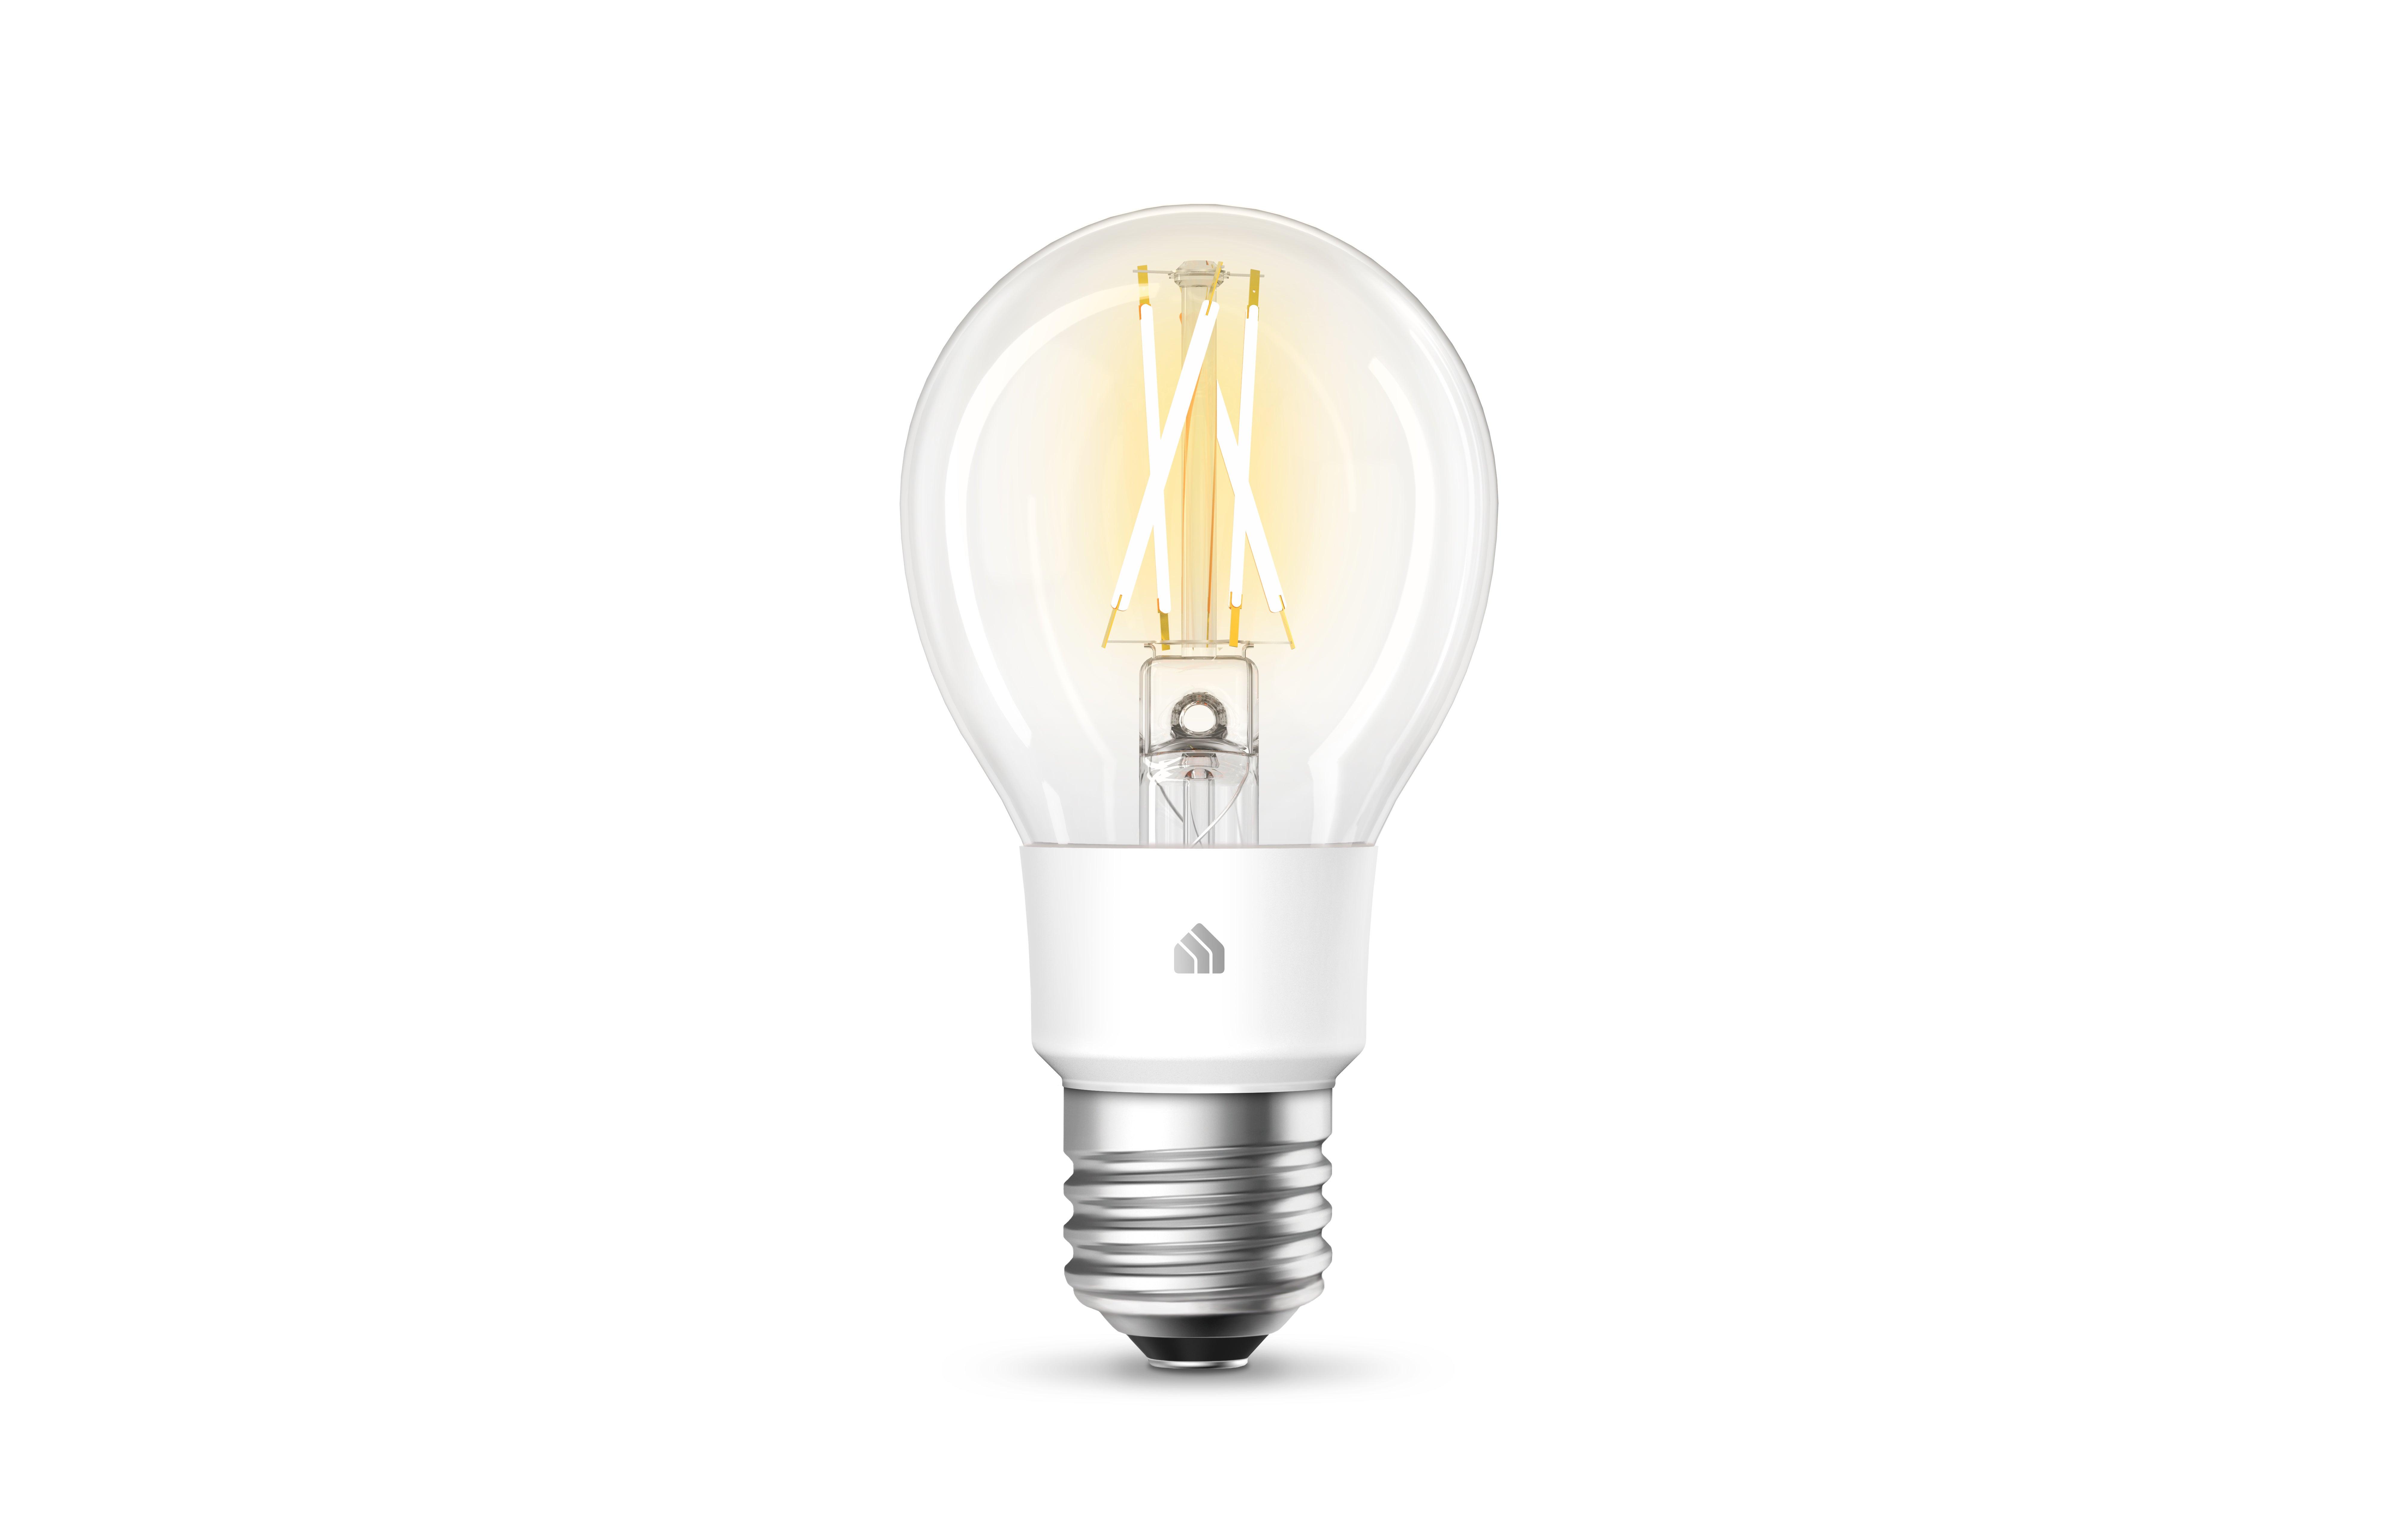 TP-Link Kasa Filament Smart Bulb review: Models KL50 and